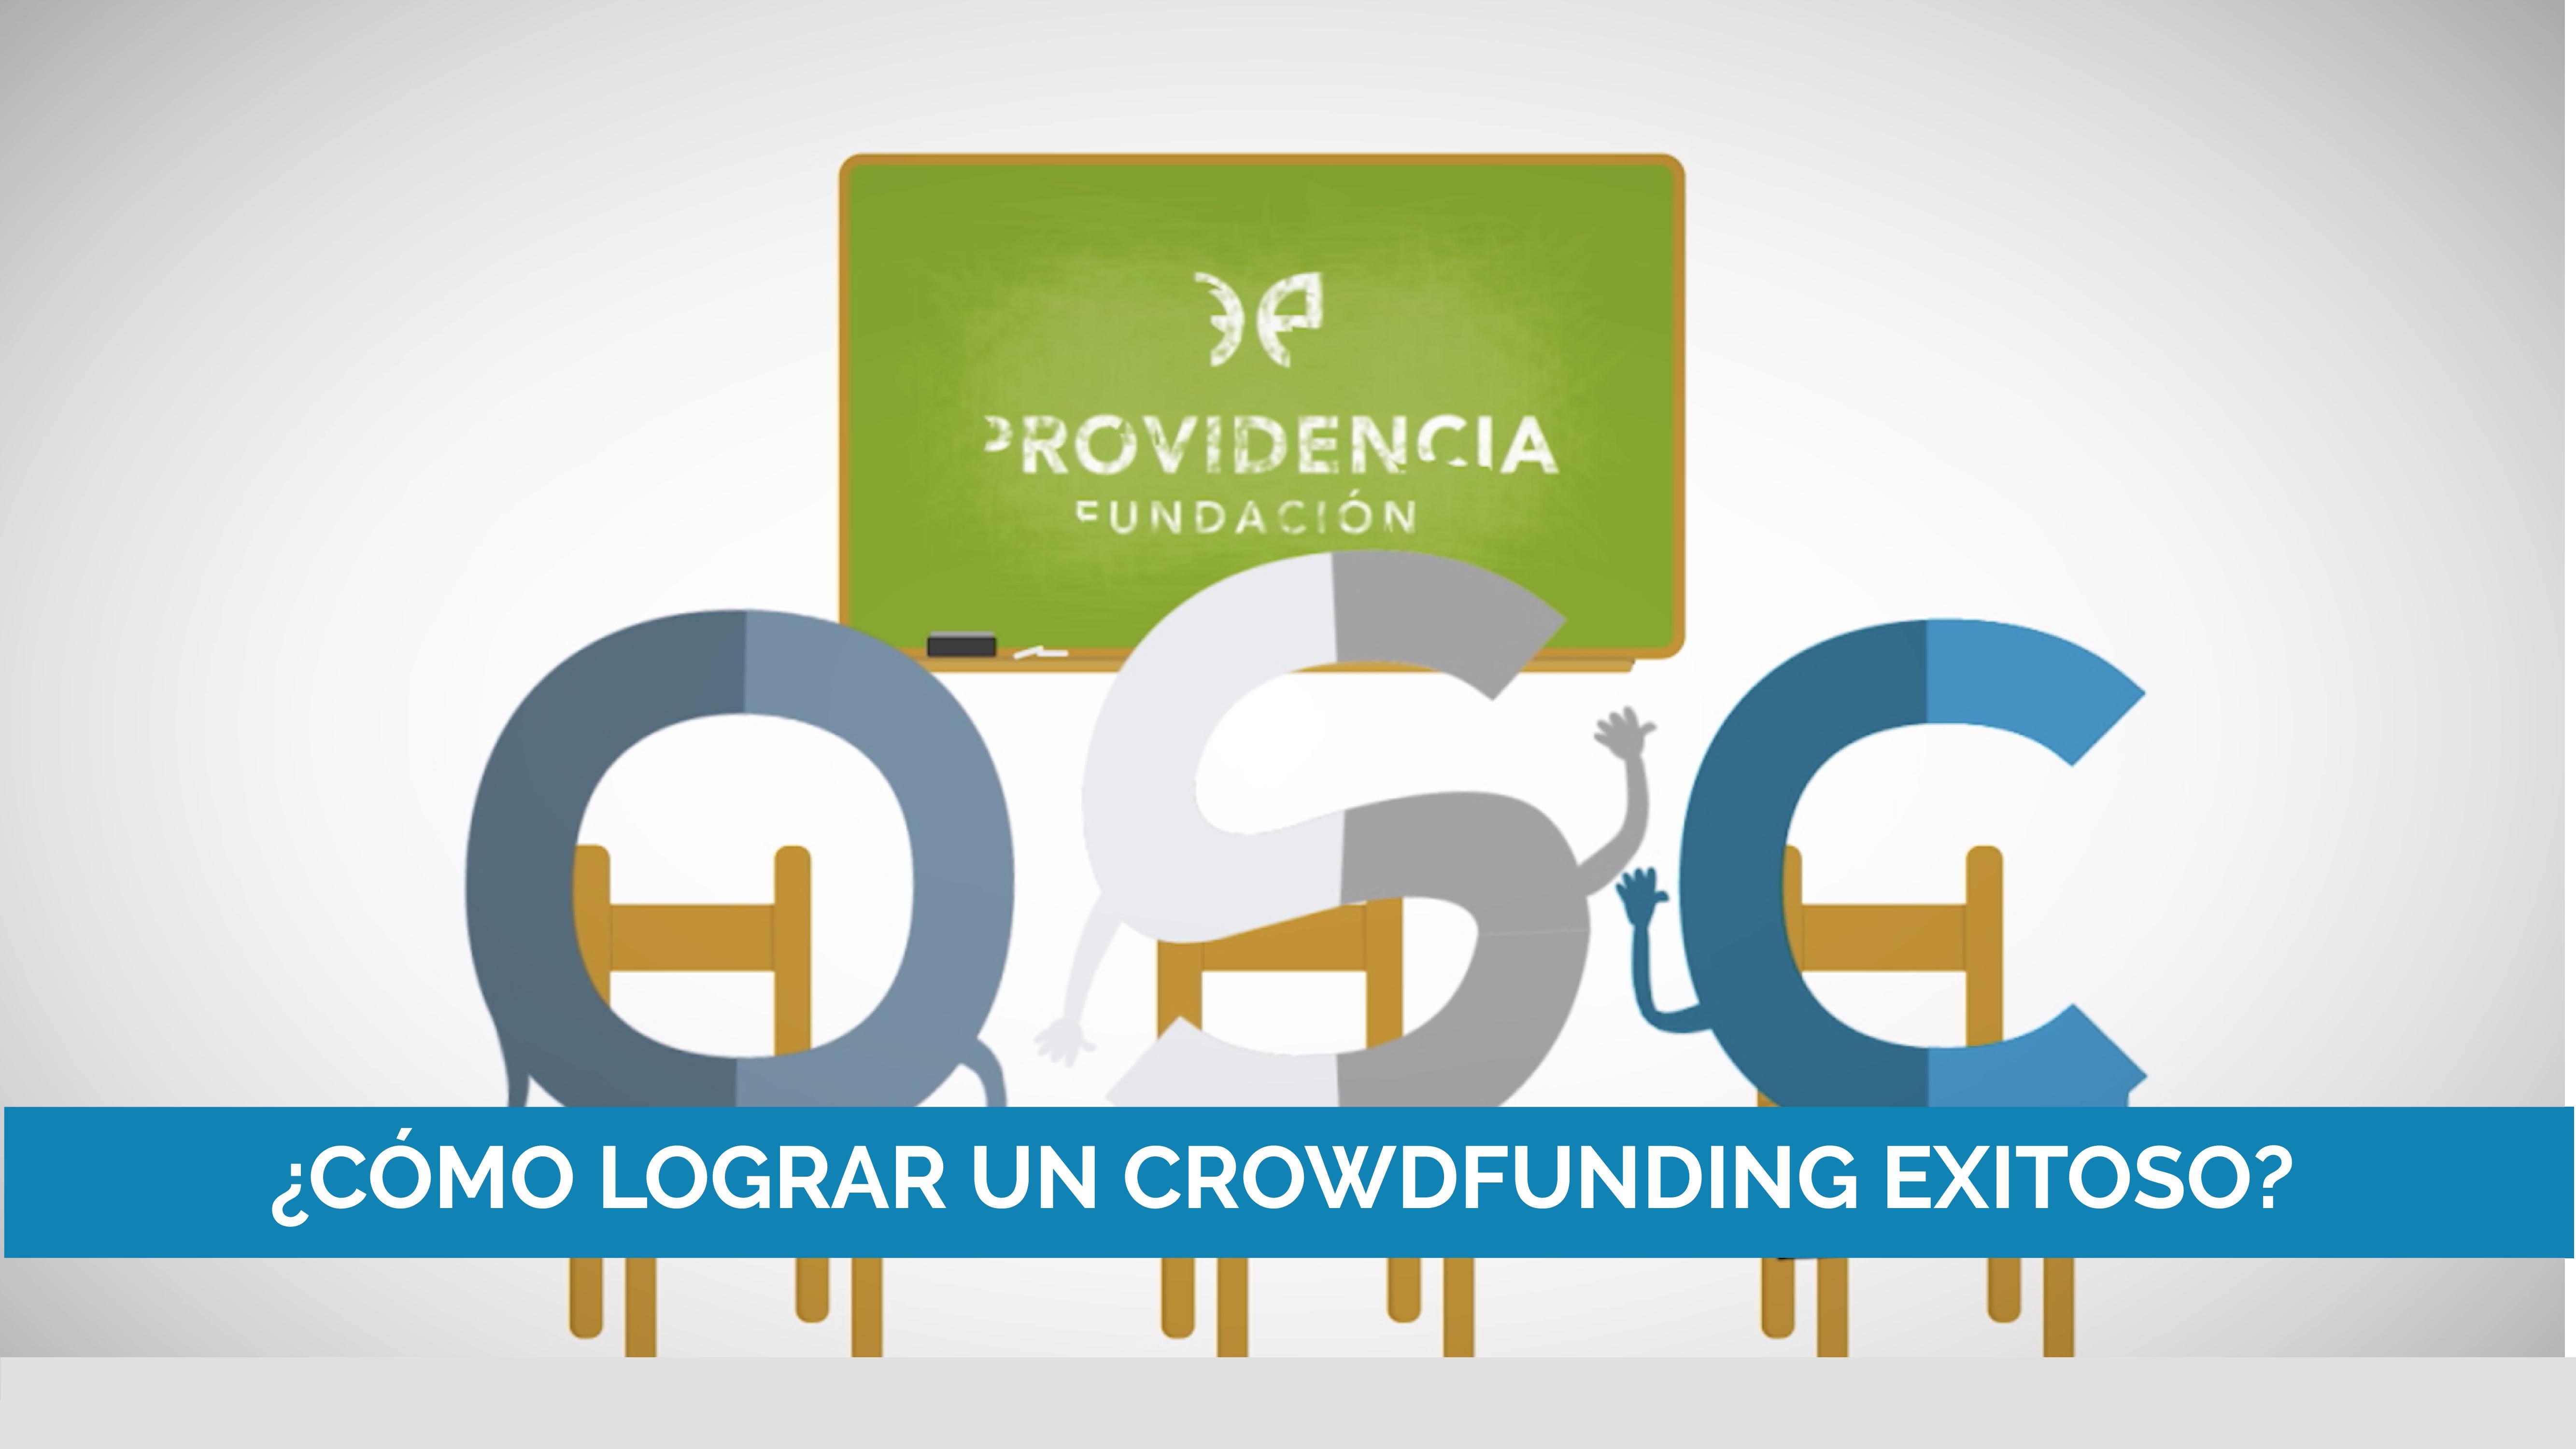 ¿Cómo lograr un crowdfunding exitoso?